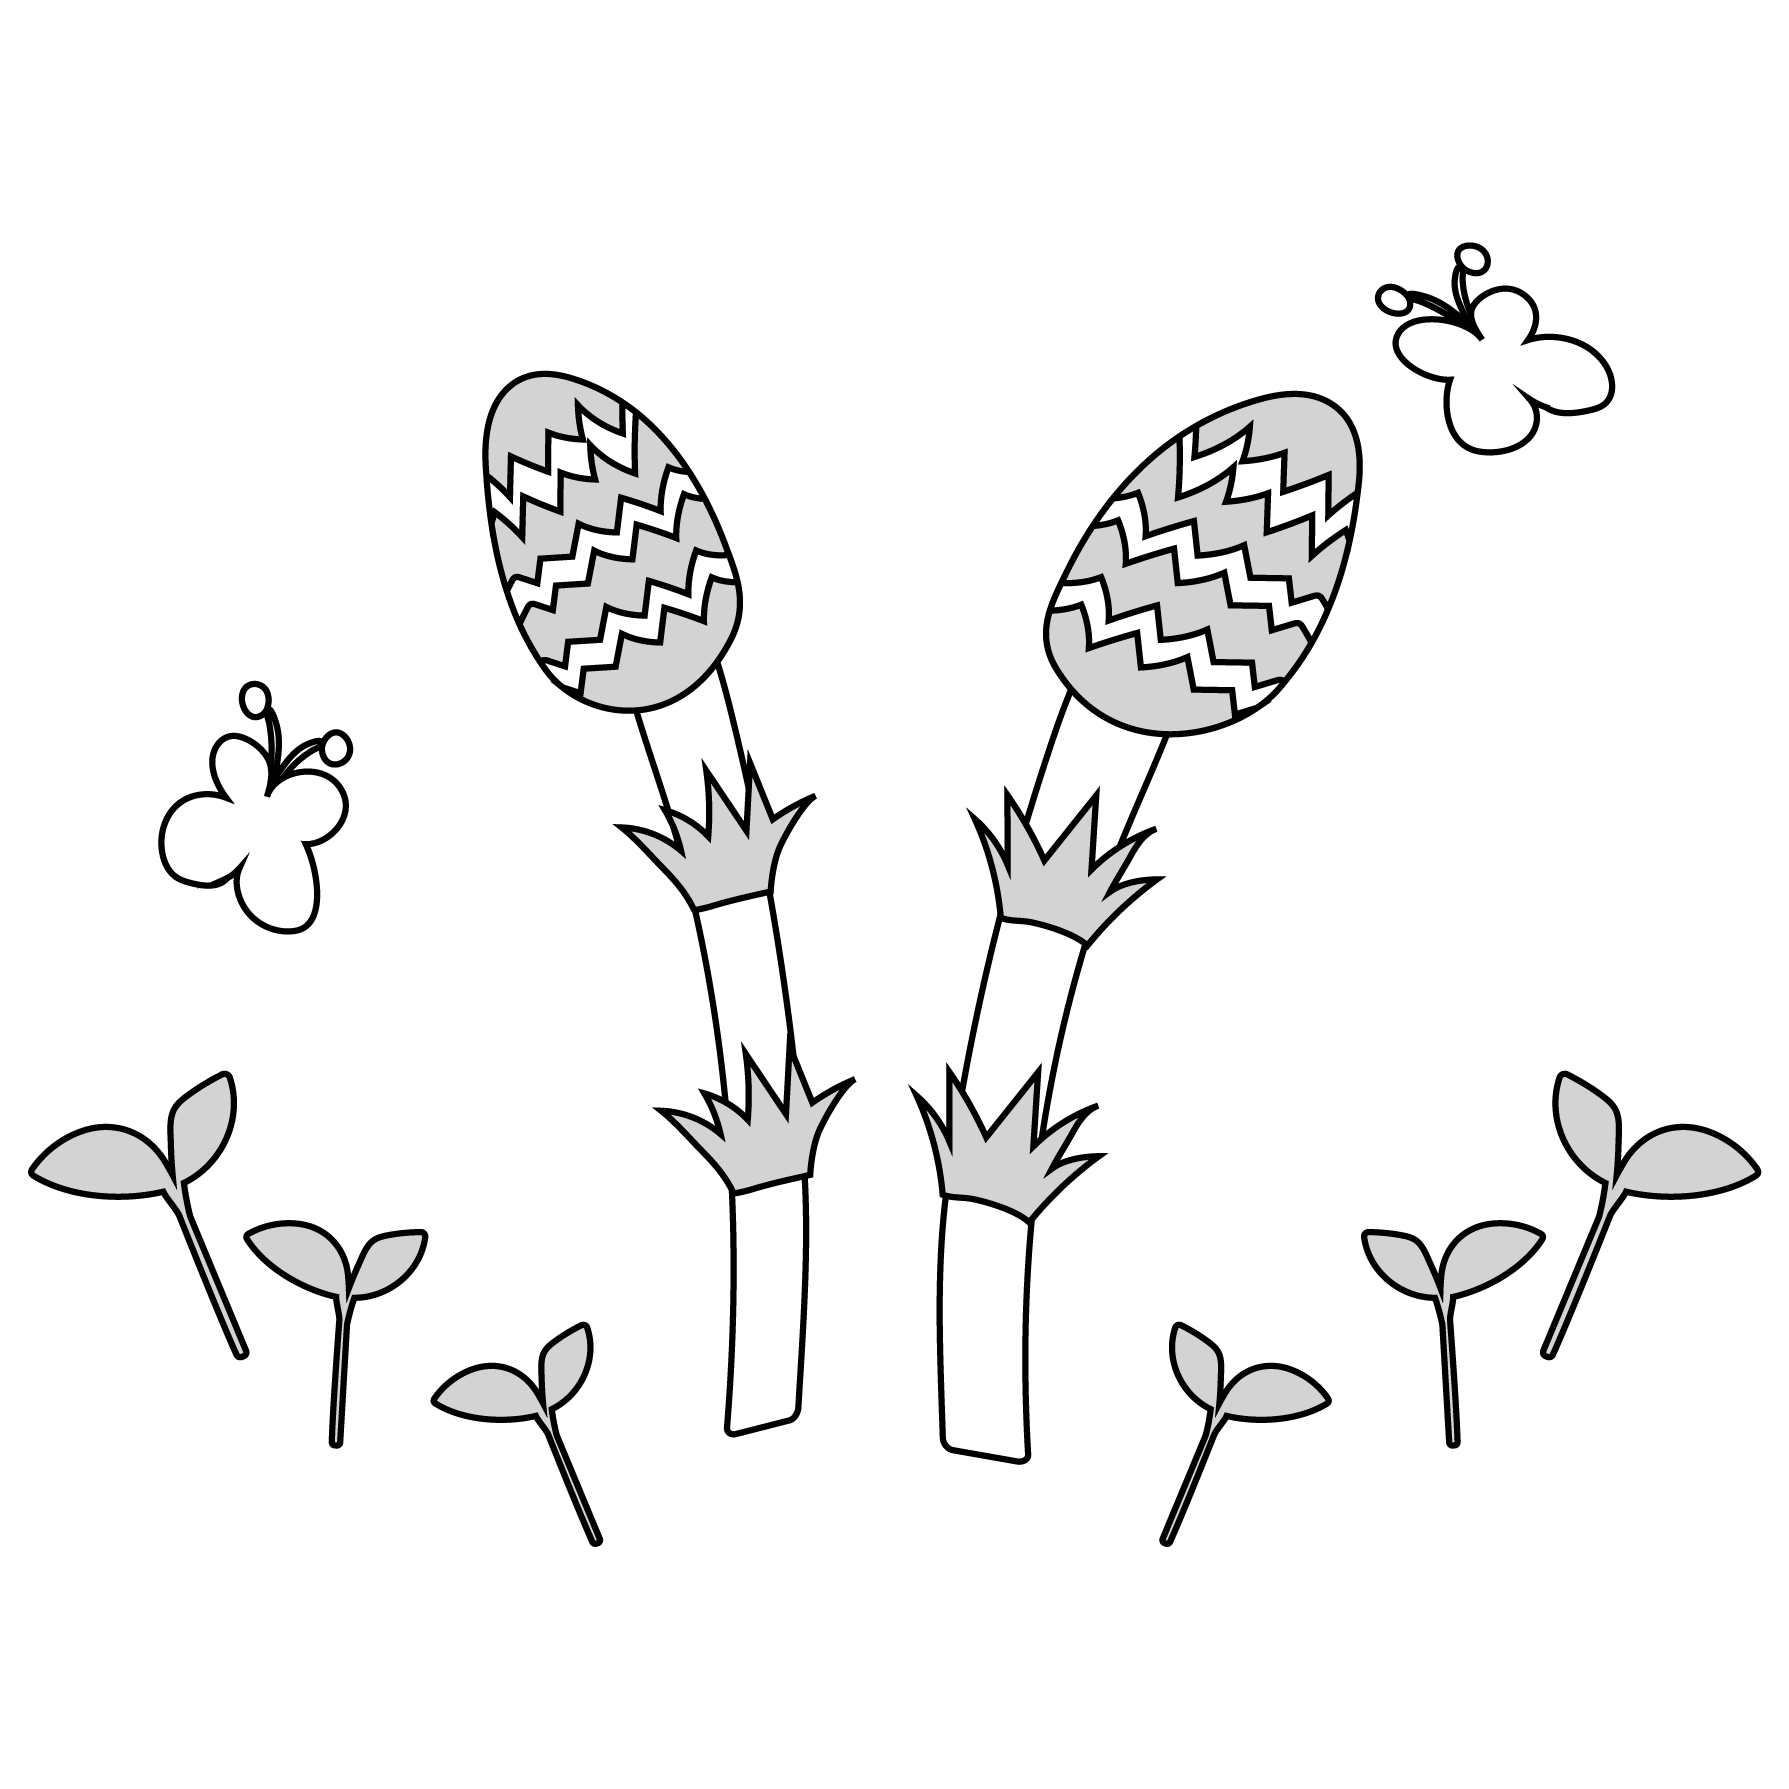 春 イラストかわいいつくしの 白黒 無料 イラスト 商用フリー無料